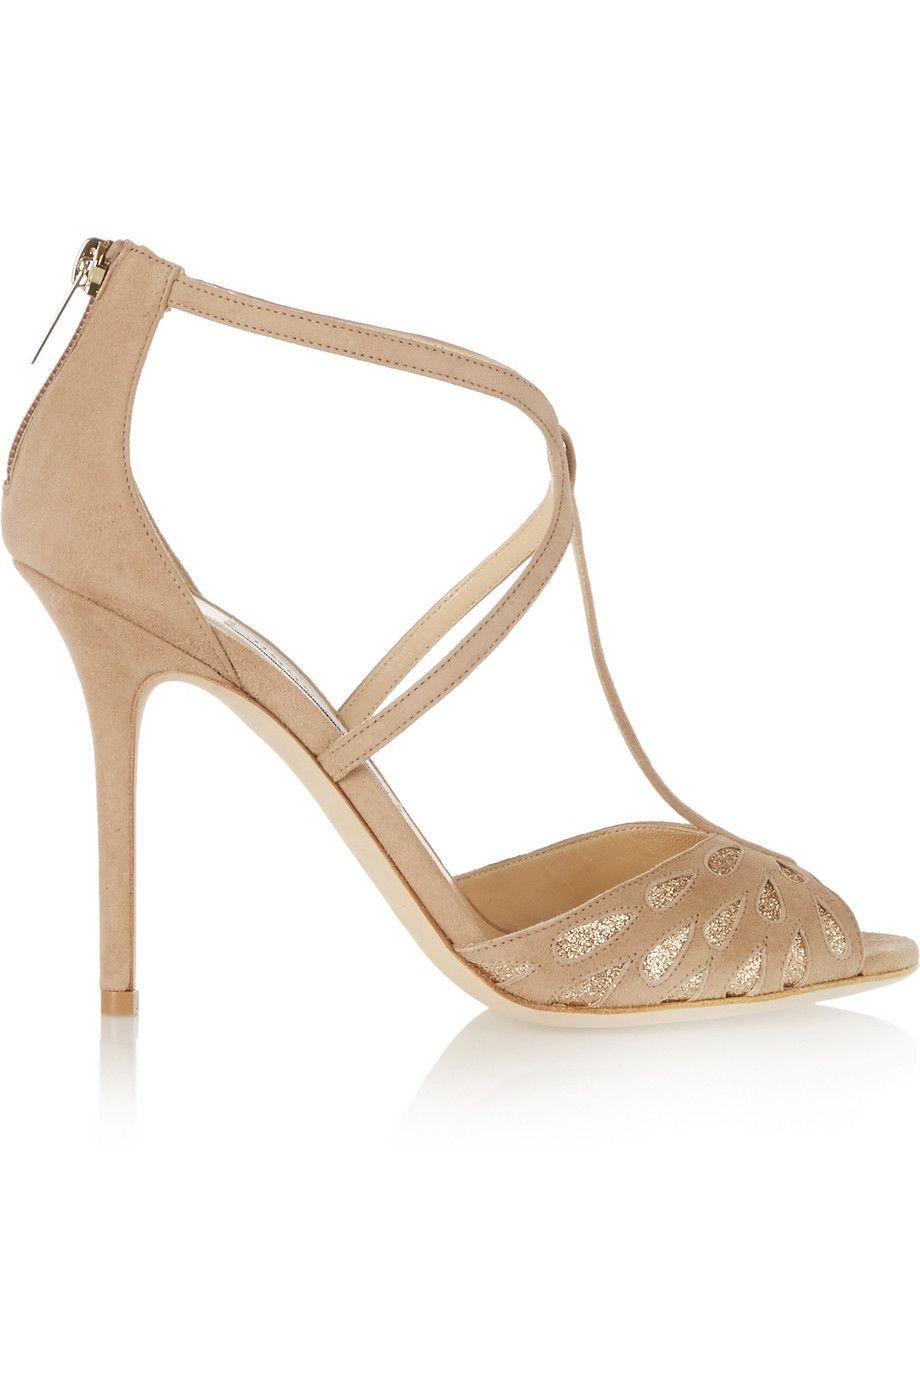 537629c31ddb Jimmy Choo - Dida glitter-embellished suede sandals